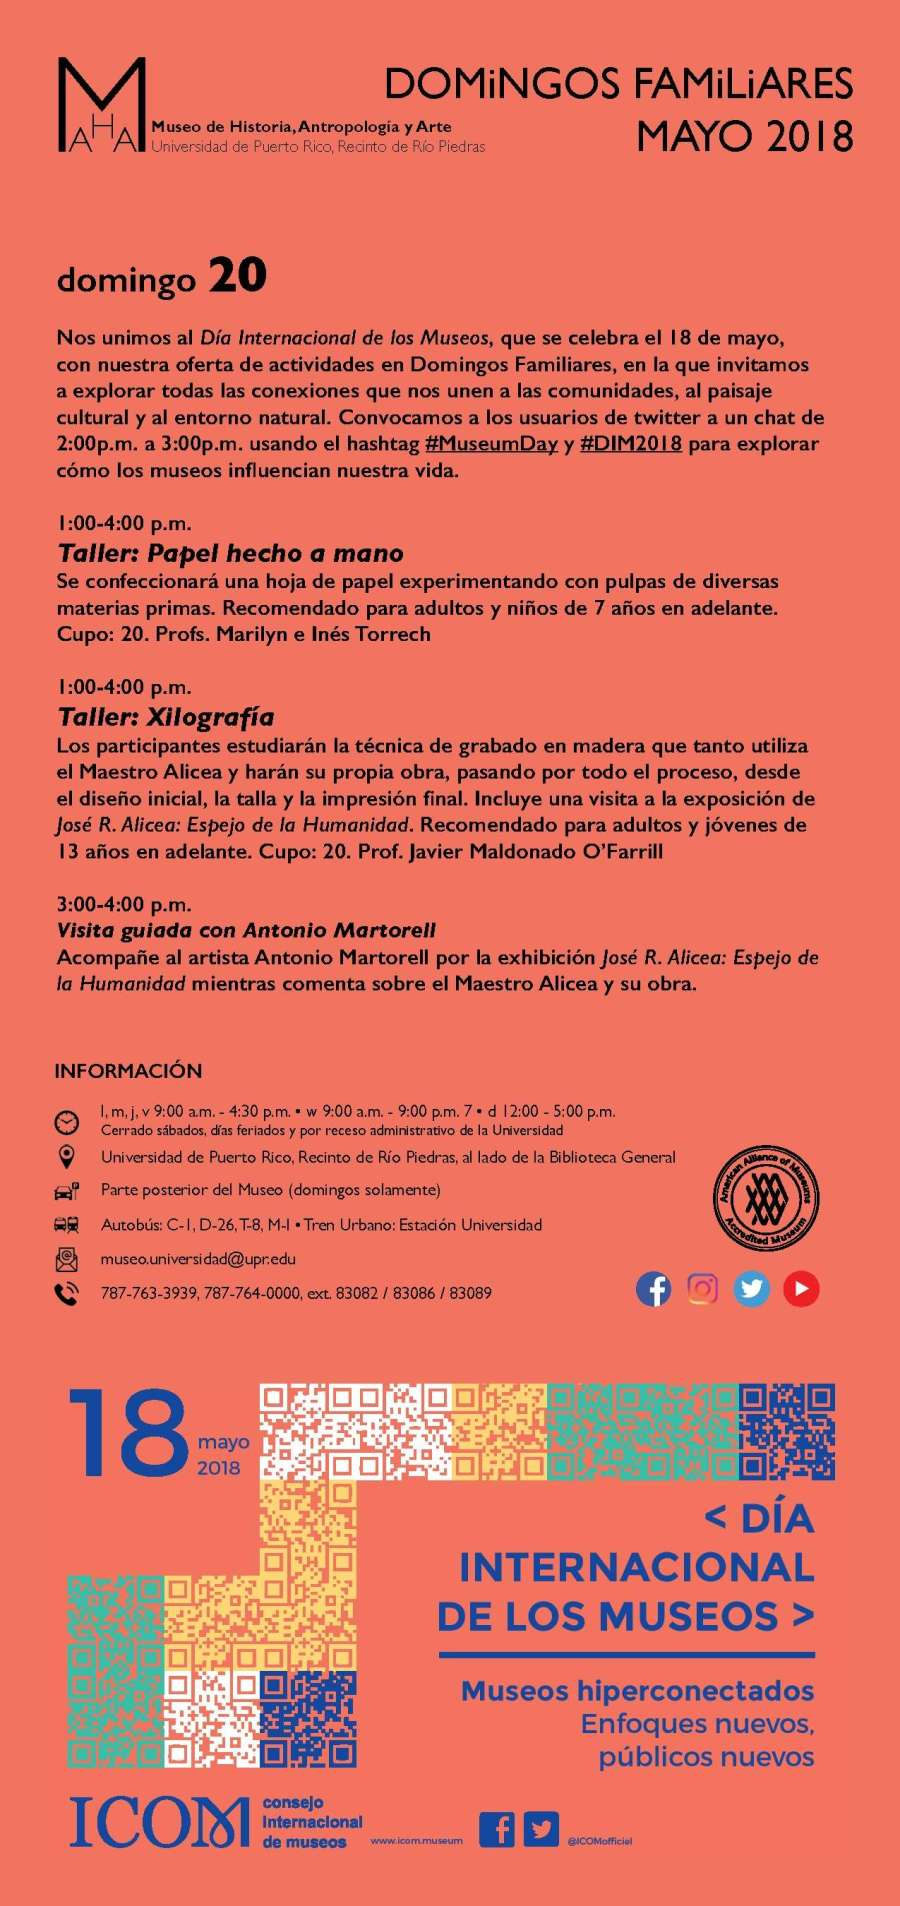 Museo UPR Mayo 2018 2018-05-20 Domingos Familiares 20 de mayo